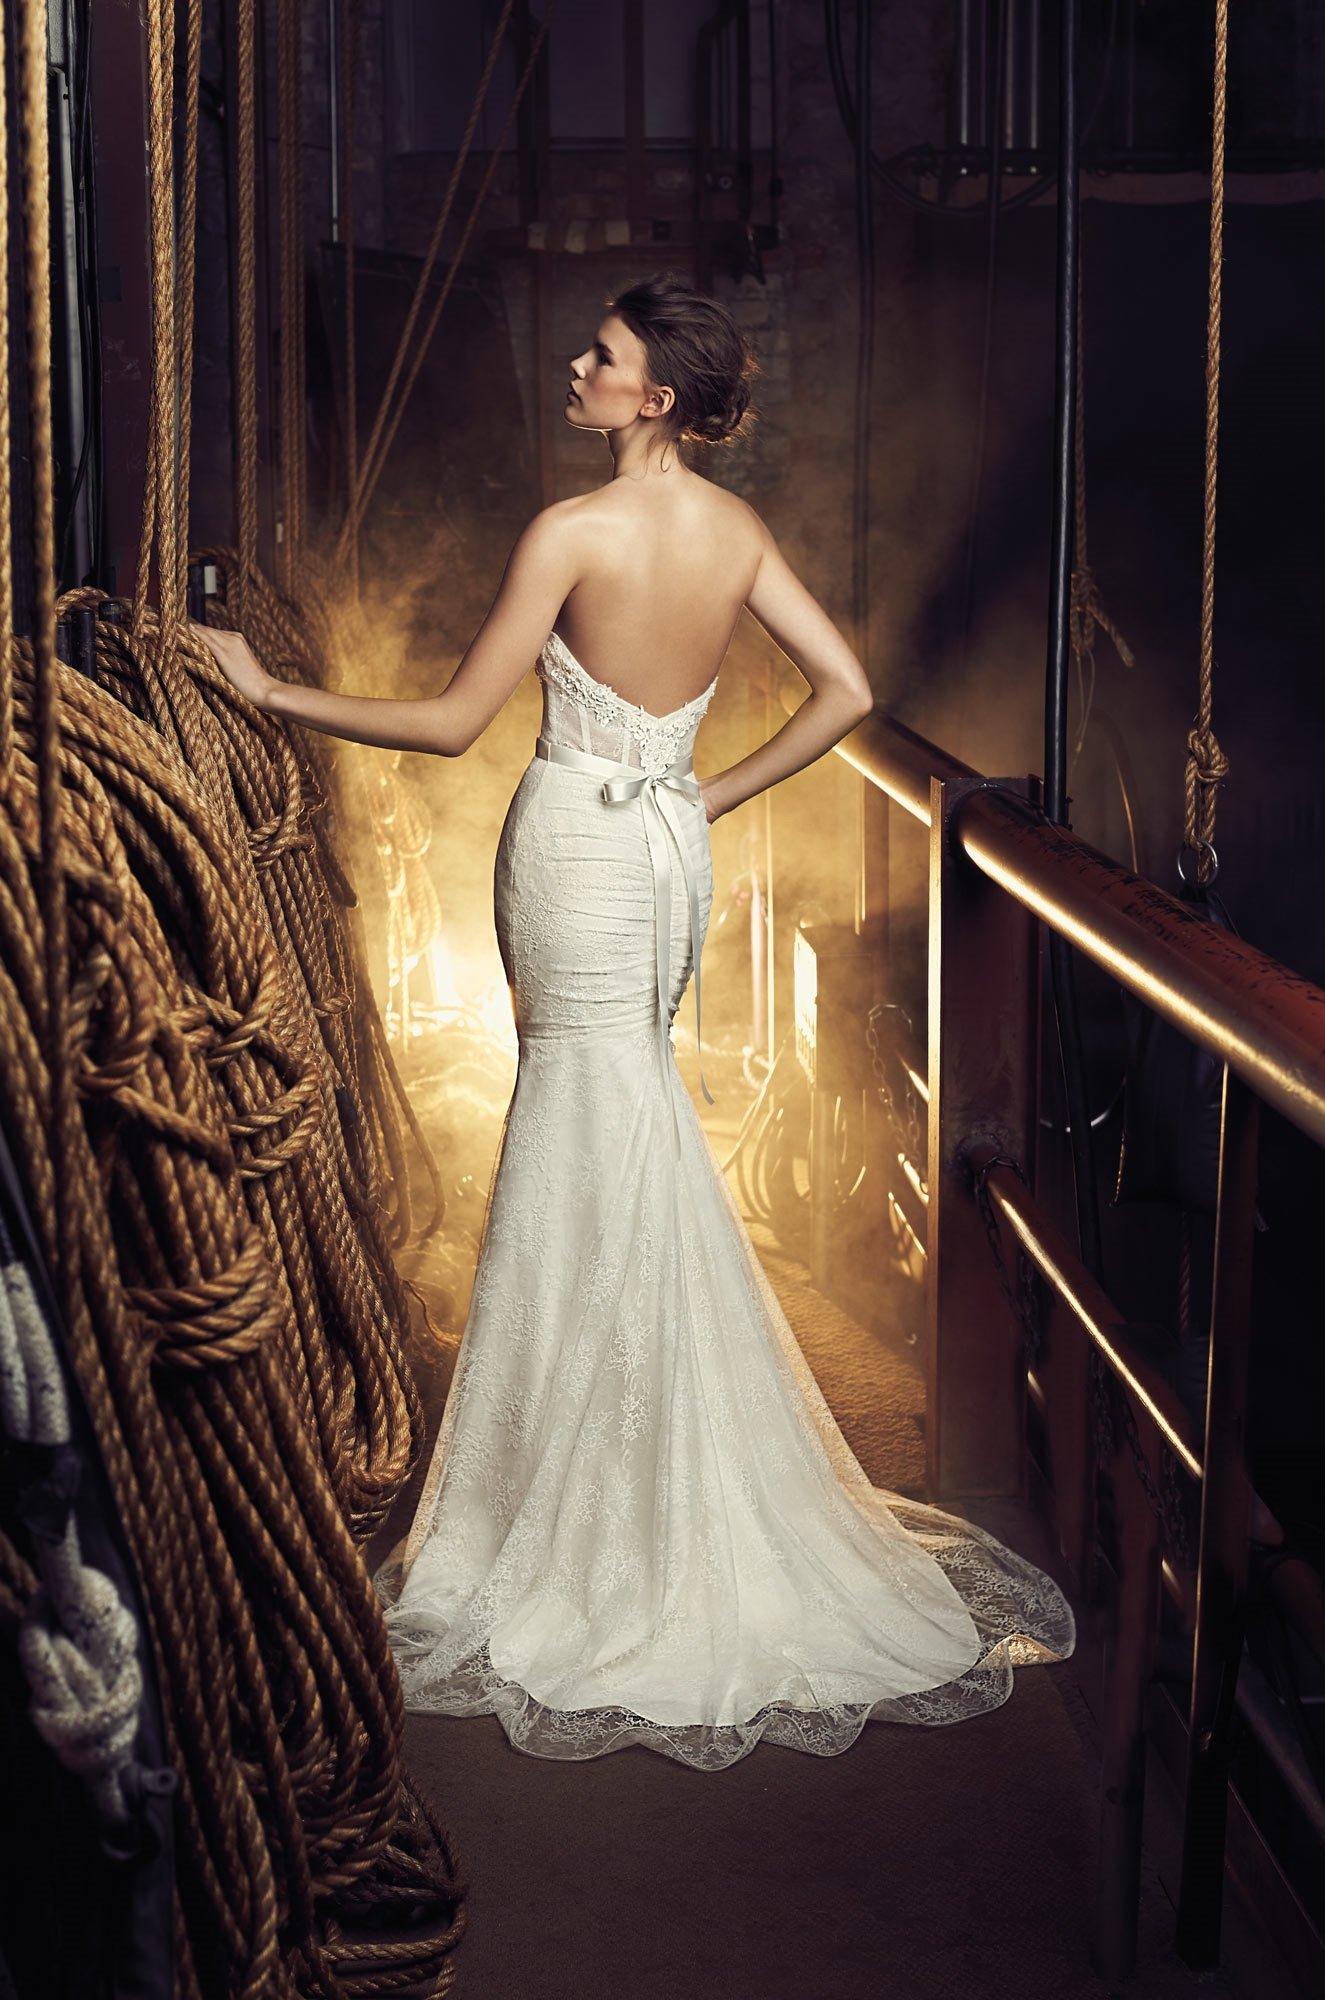 Sheer Bodice Wedding Dress  Style 2080  Mikaella Bridal